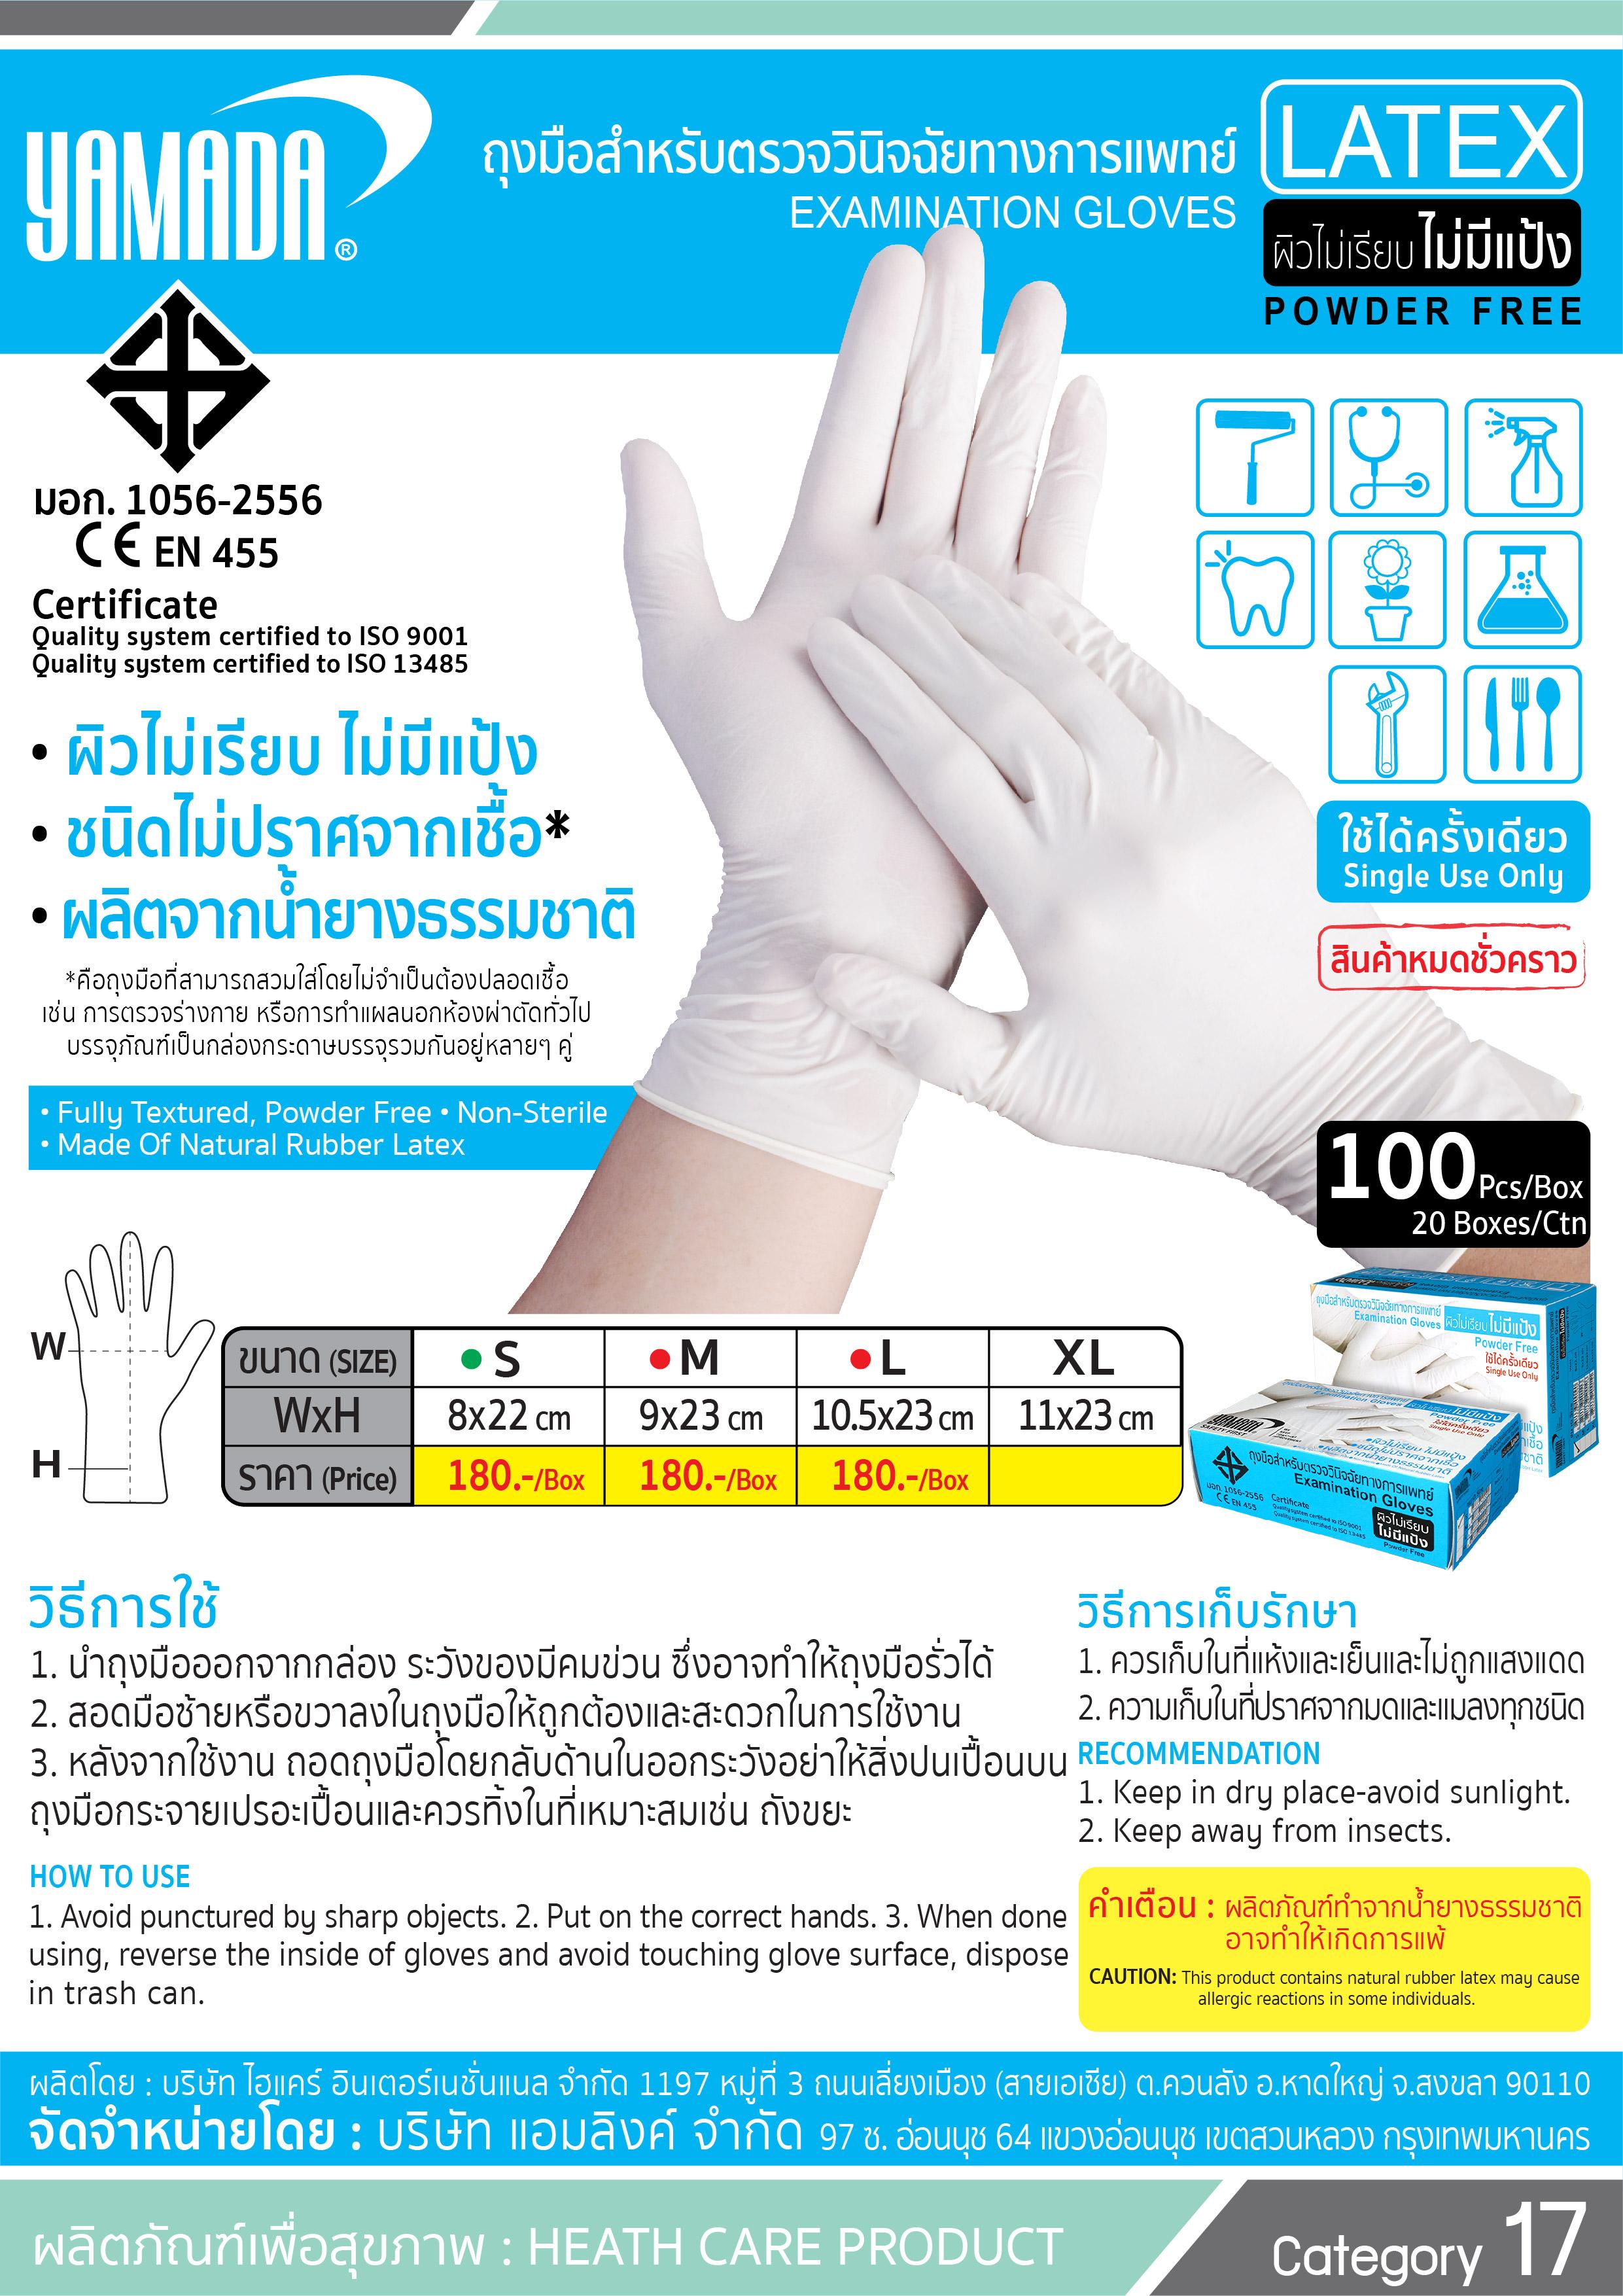 (1/1) ถุงมือสำหรับตรวจวินิจฉัยทางการแพทย์